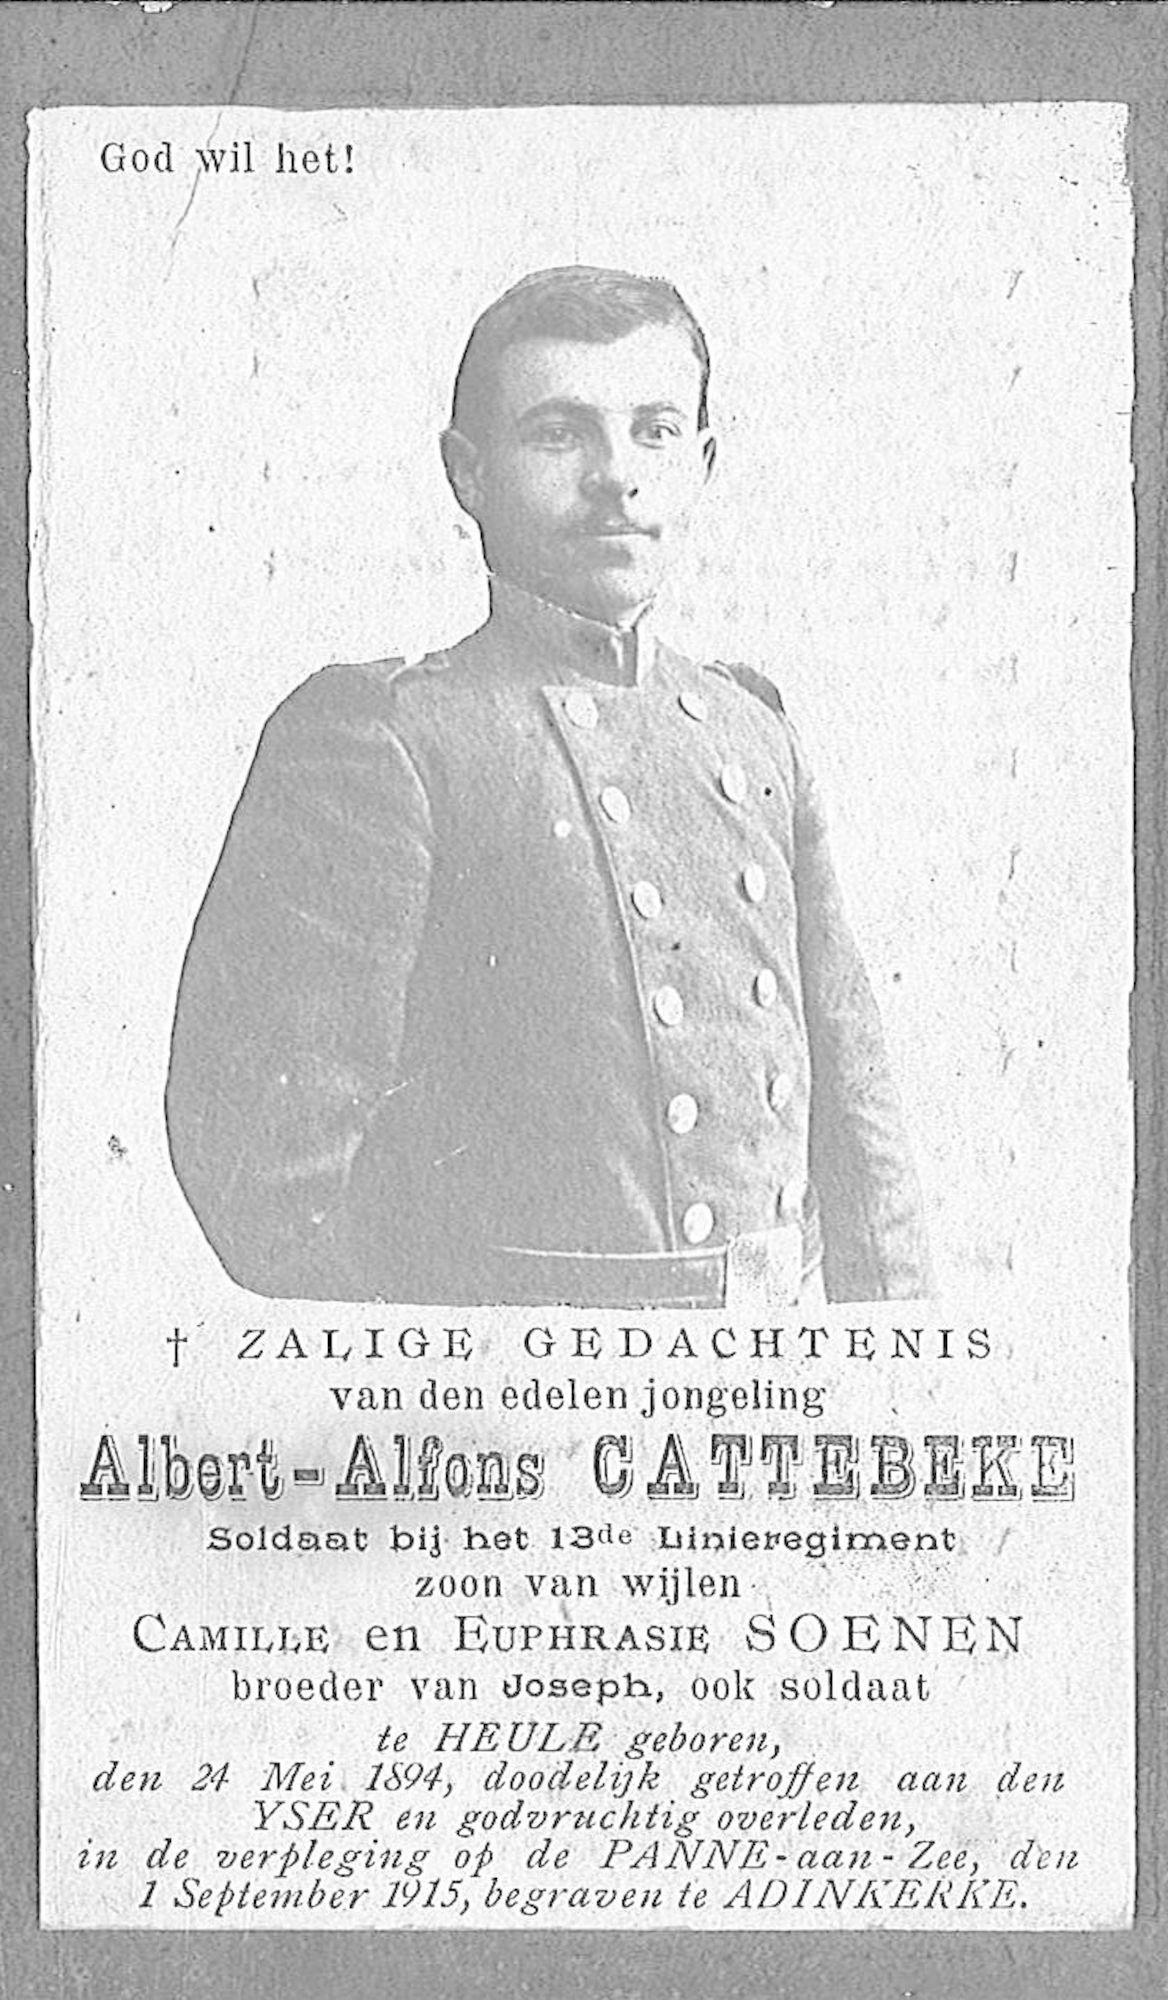 Albert-Alfons Cattebeke